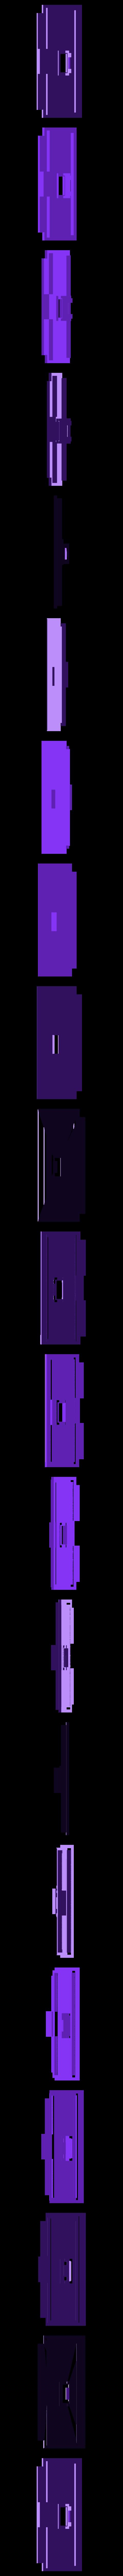 pet-frame-backCover.stl Télécharger fichier STL gratuit Mini Commodore PET with Charlieplexed LED Matrix • Plan à imprimer en 3D, Adafruit